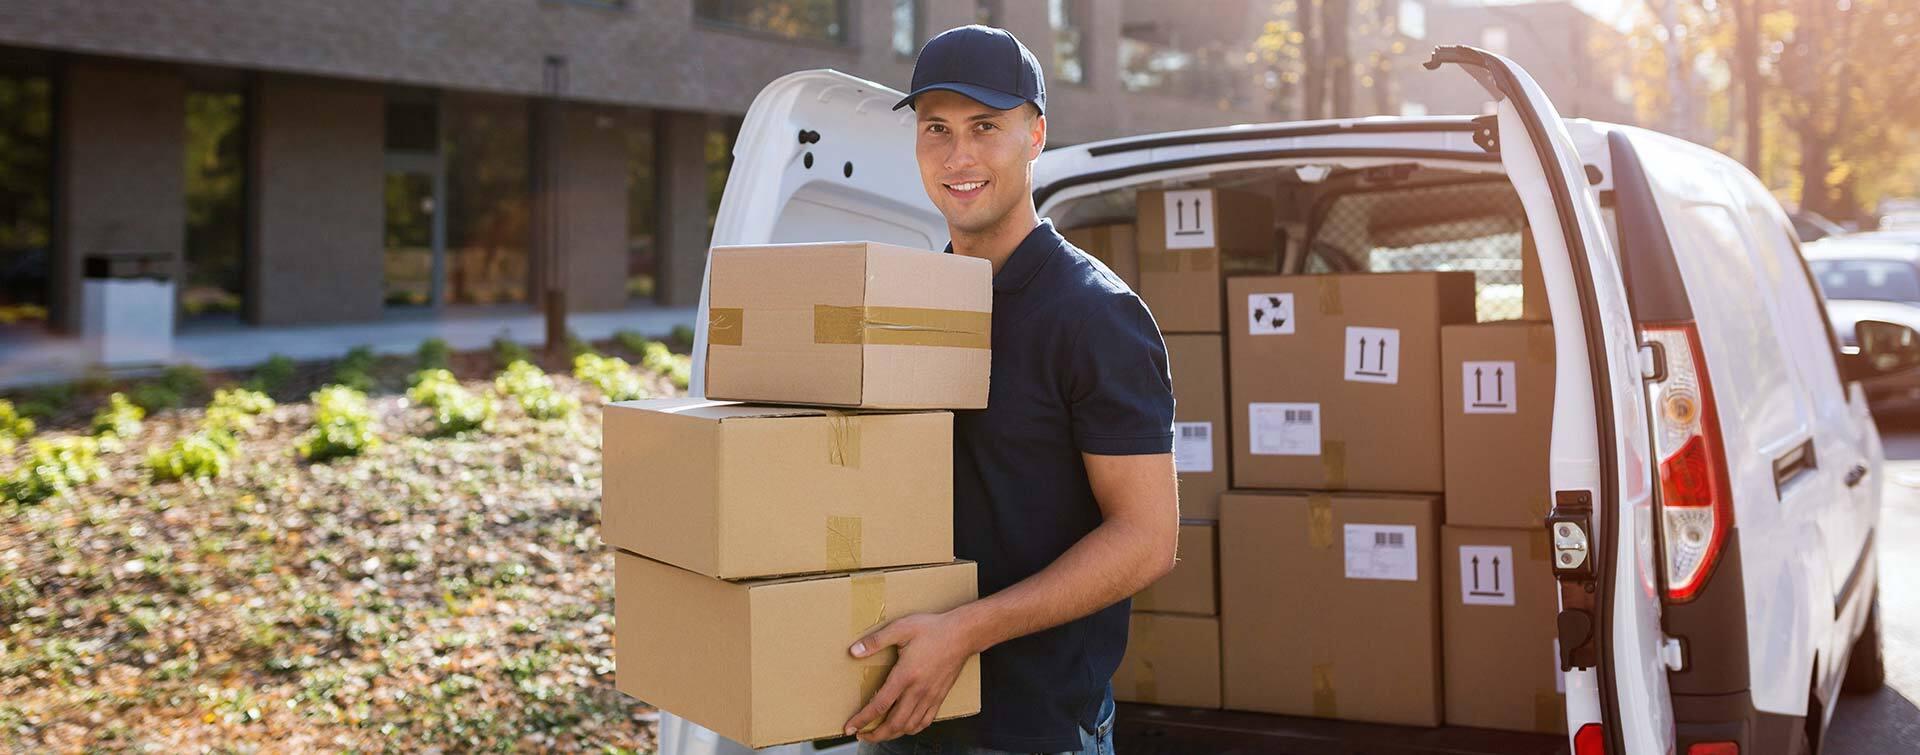 FedEx wprowadza ważne zmiany. Sprawdź szczegóły